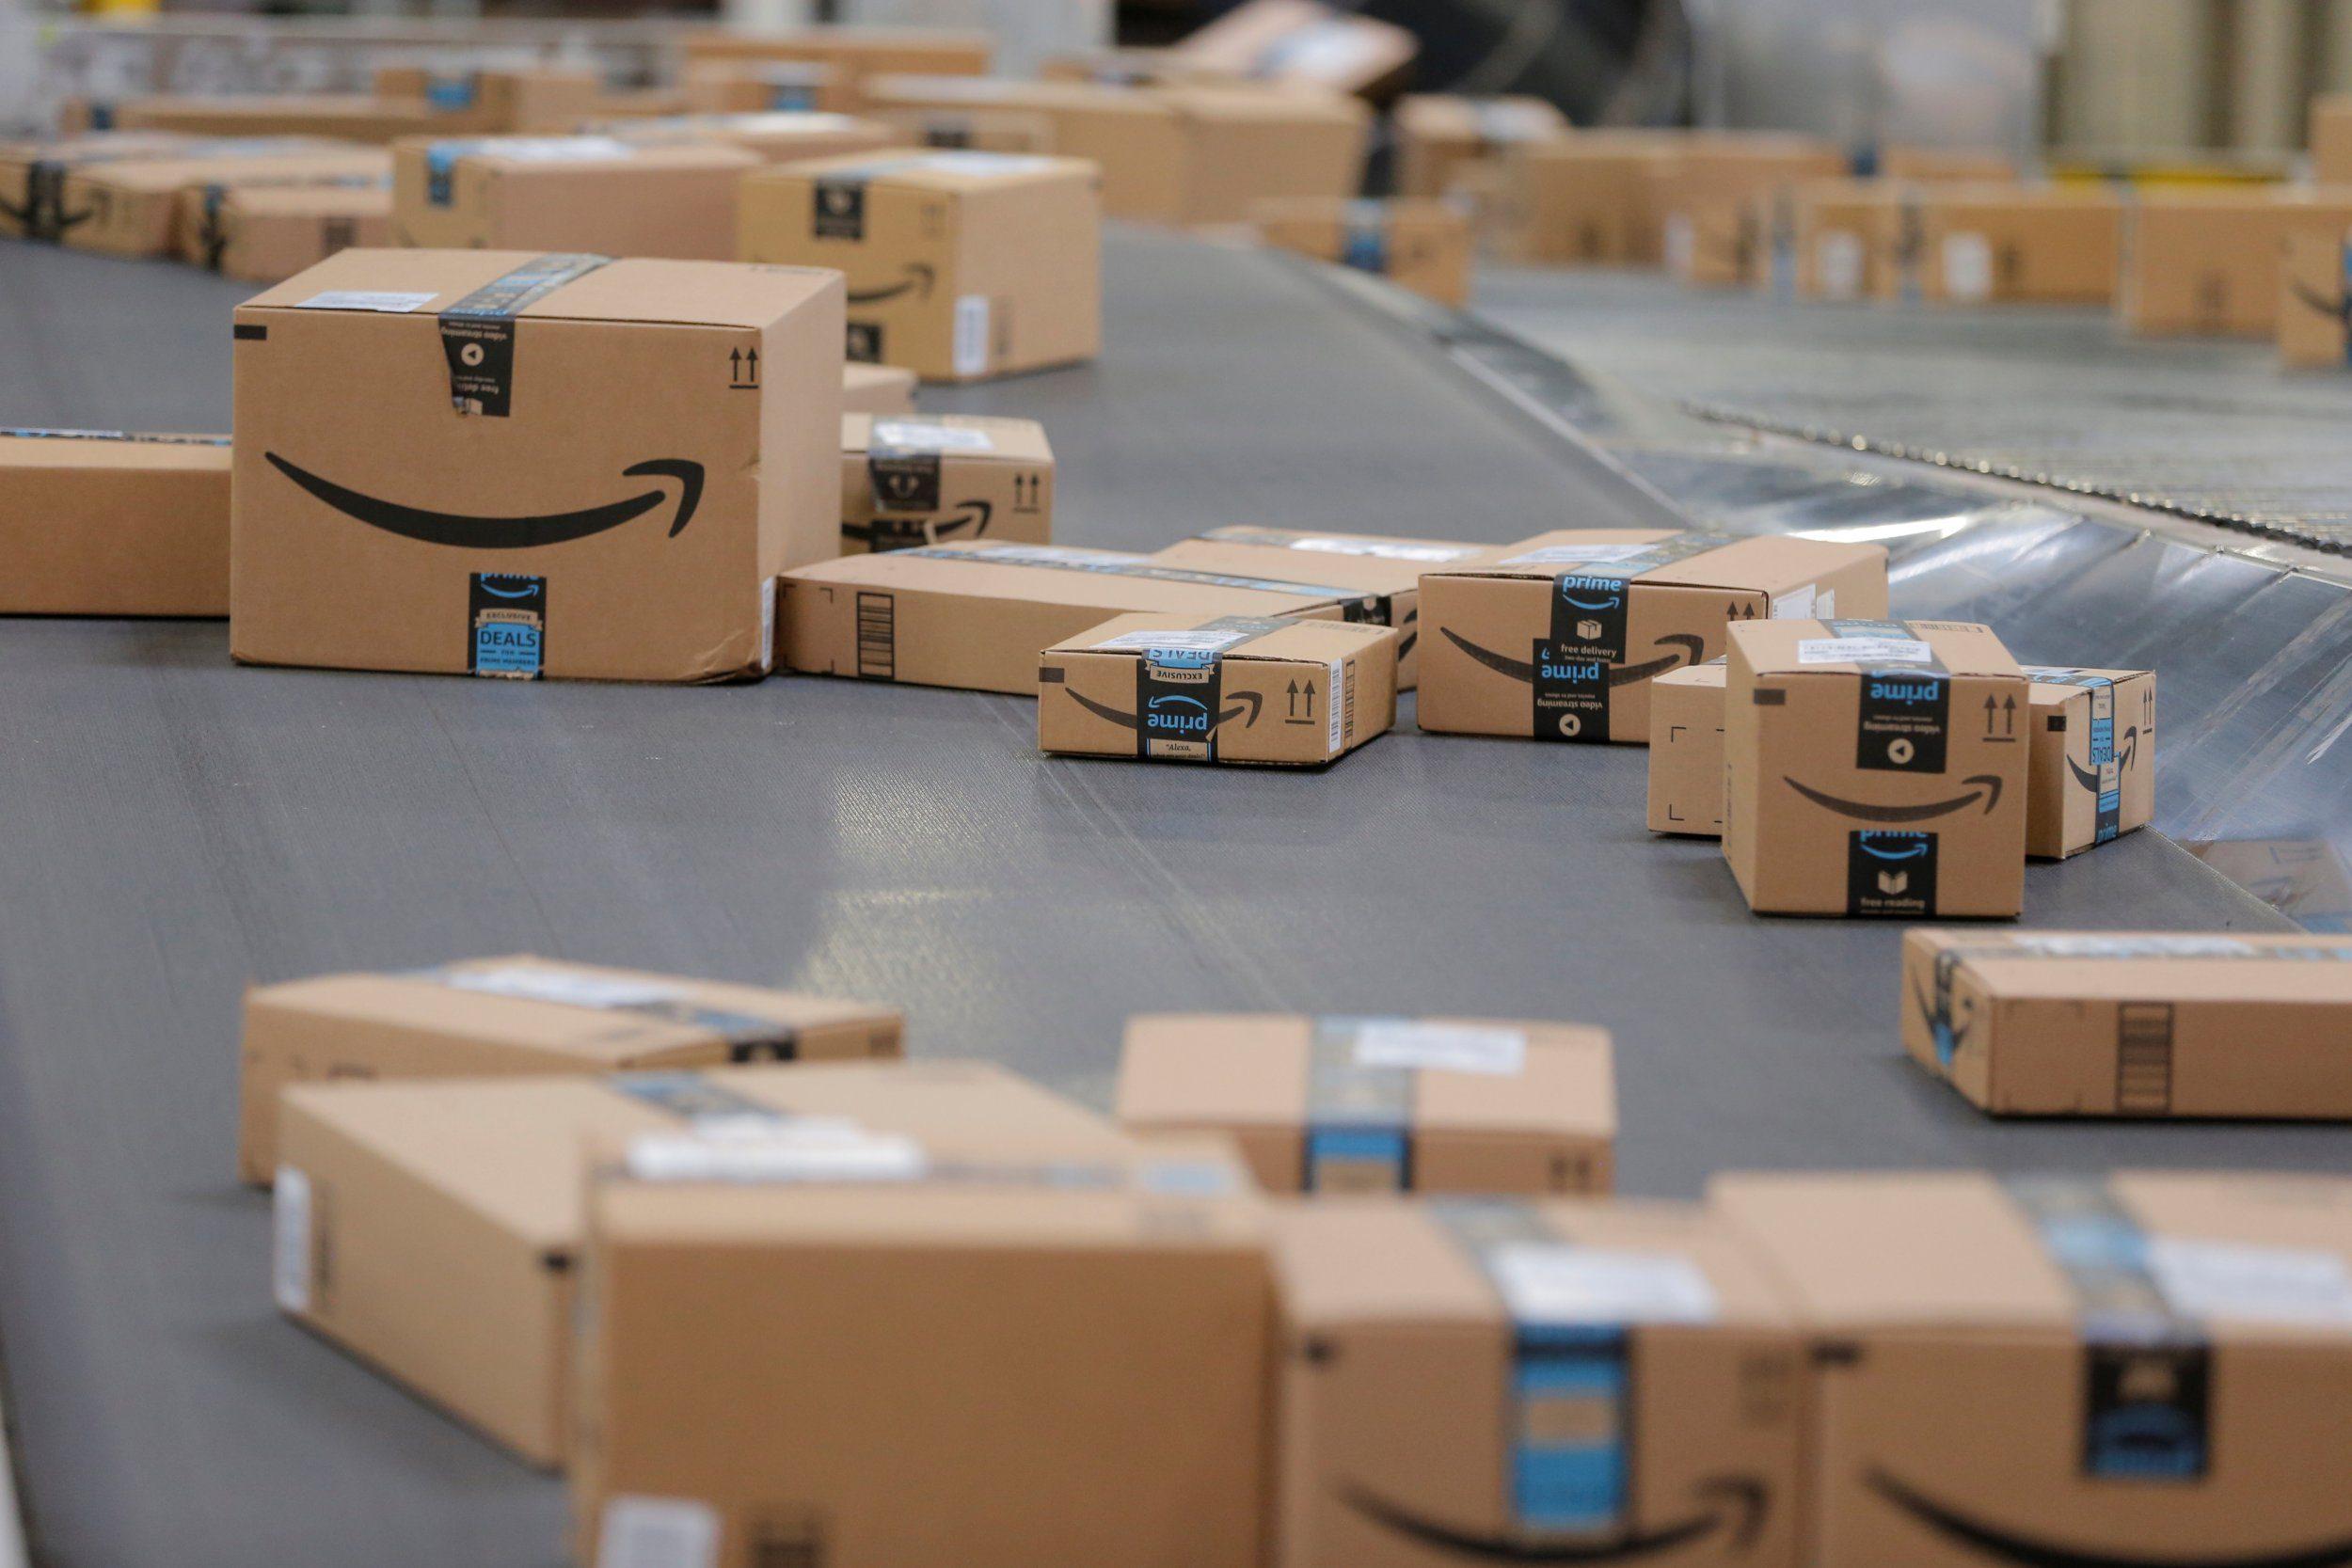 Индия планирует запретить флэш-продажи на Amazon, Flipkart и других интернет-магазинах